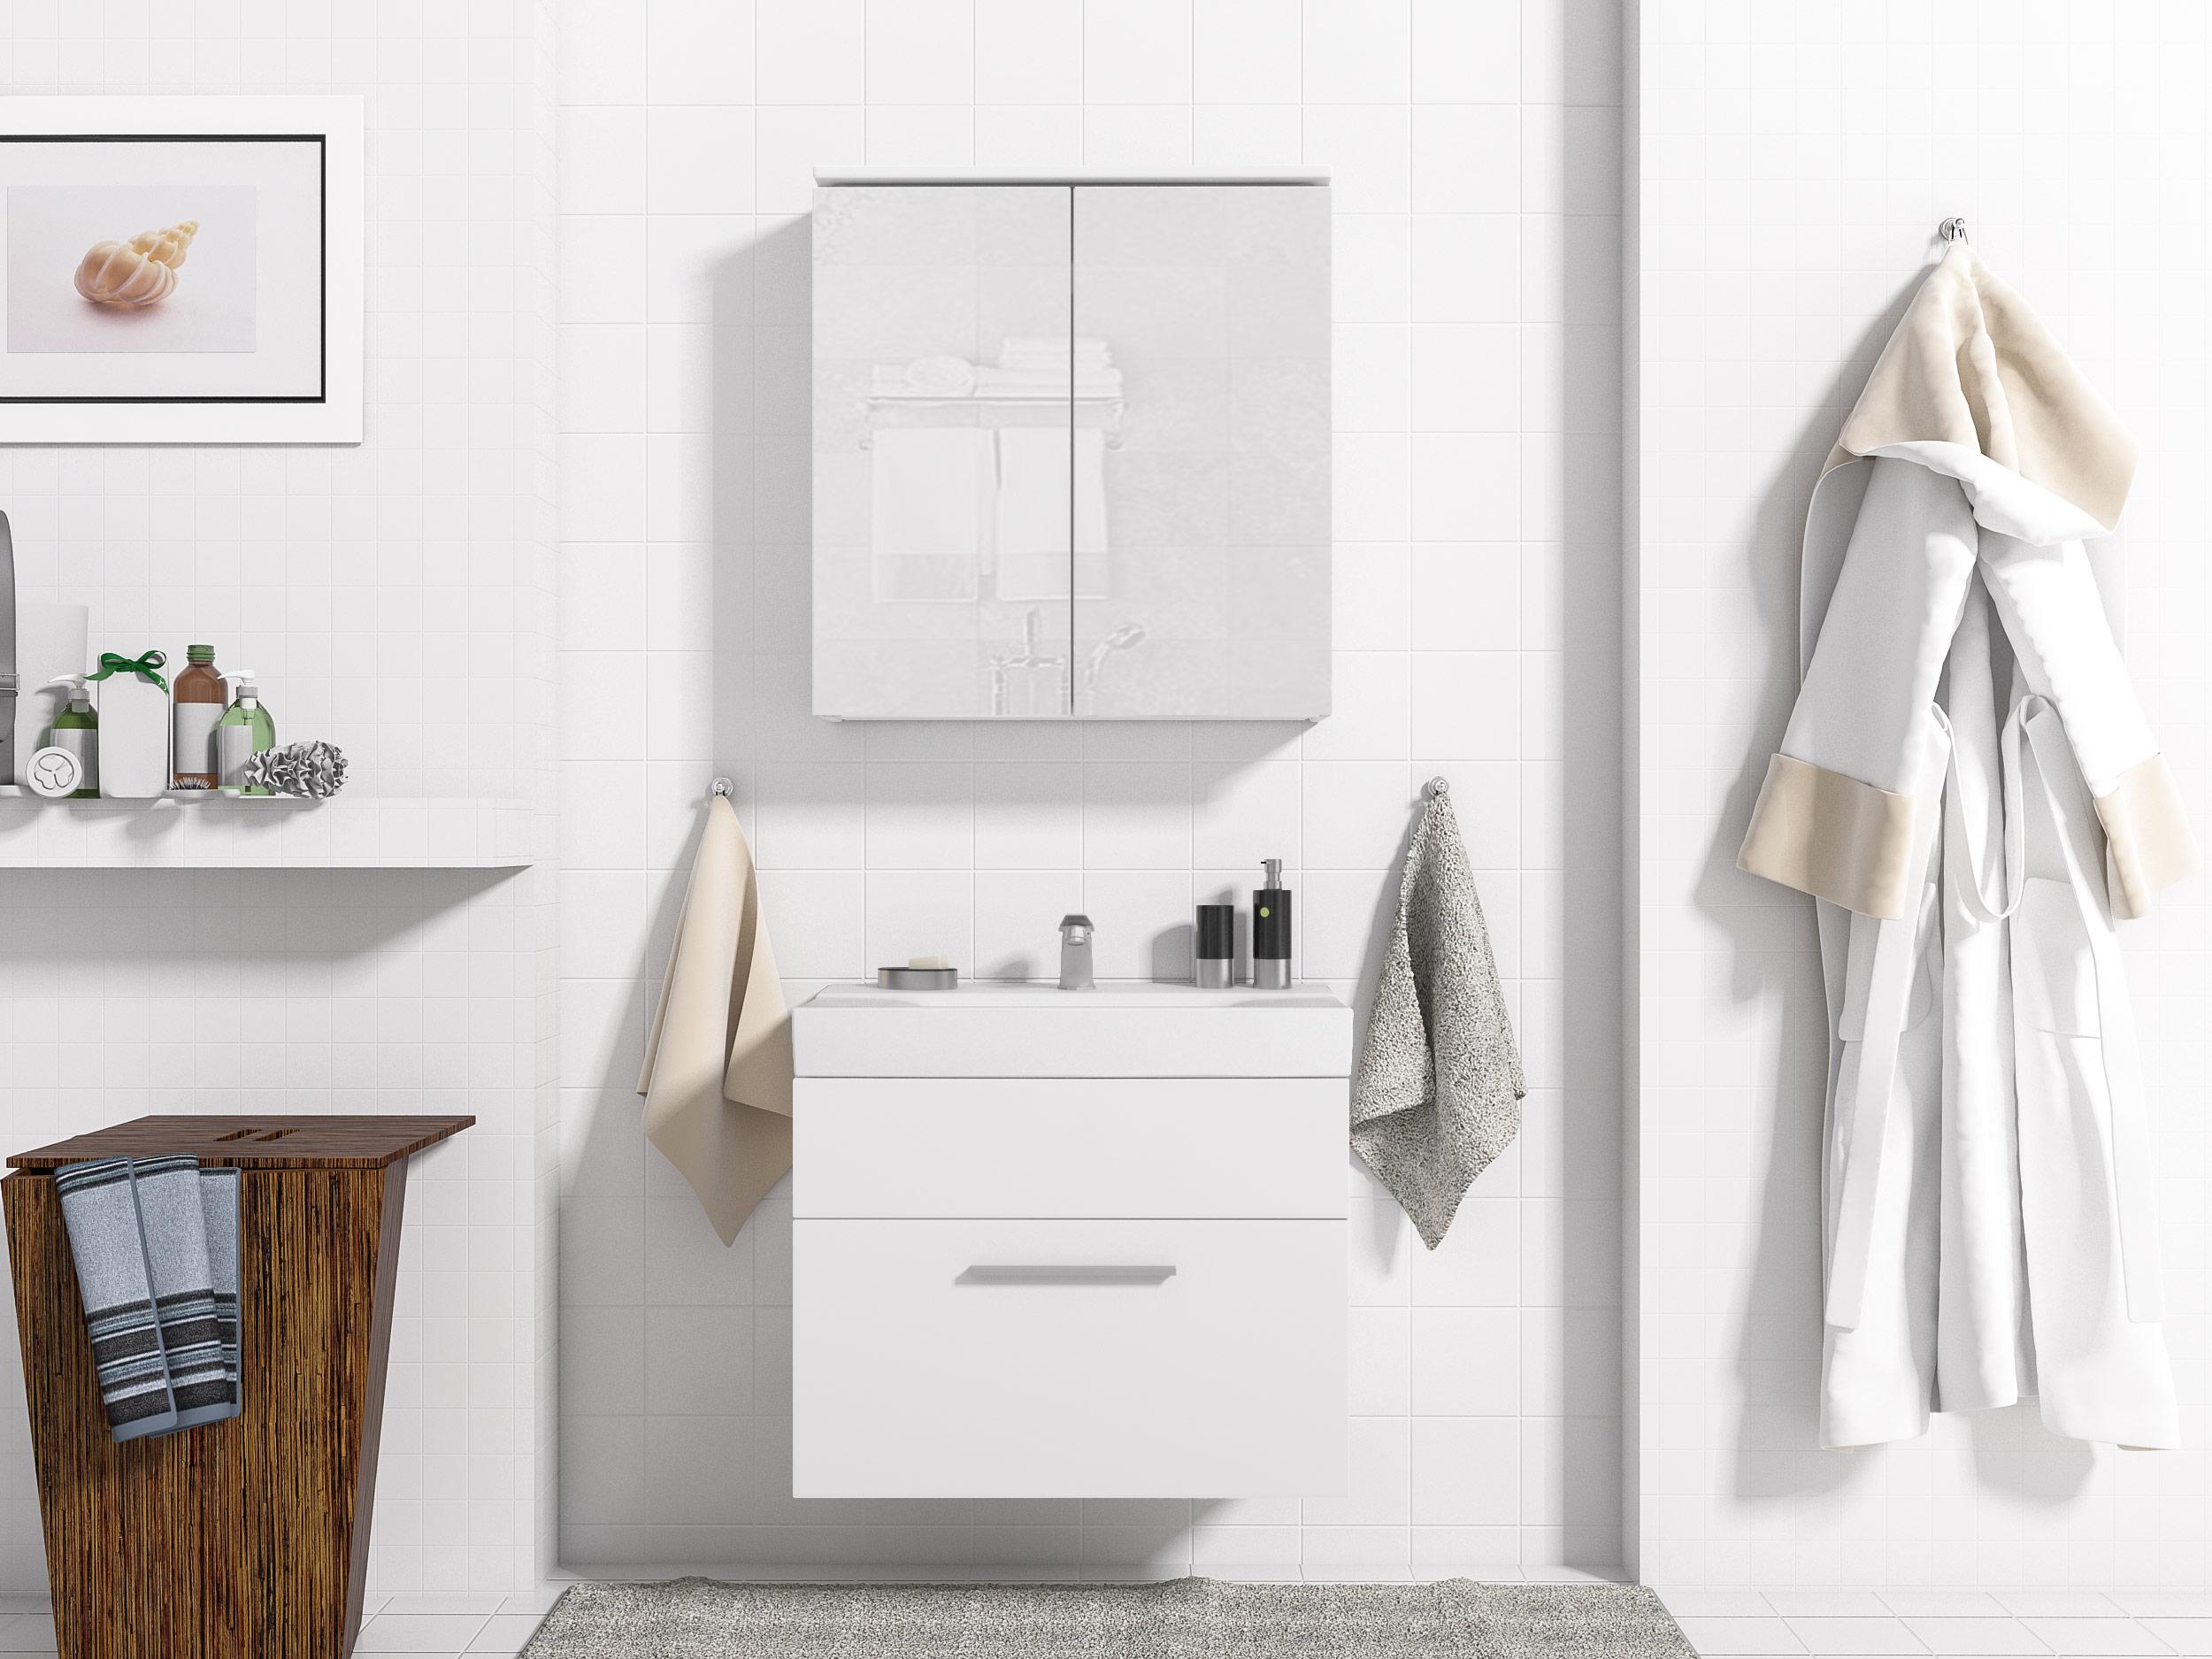 Nábytok pre kúpeľňa SEN 2 skriňa, zrkadlo MEBLINE